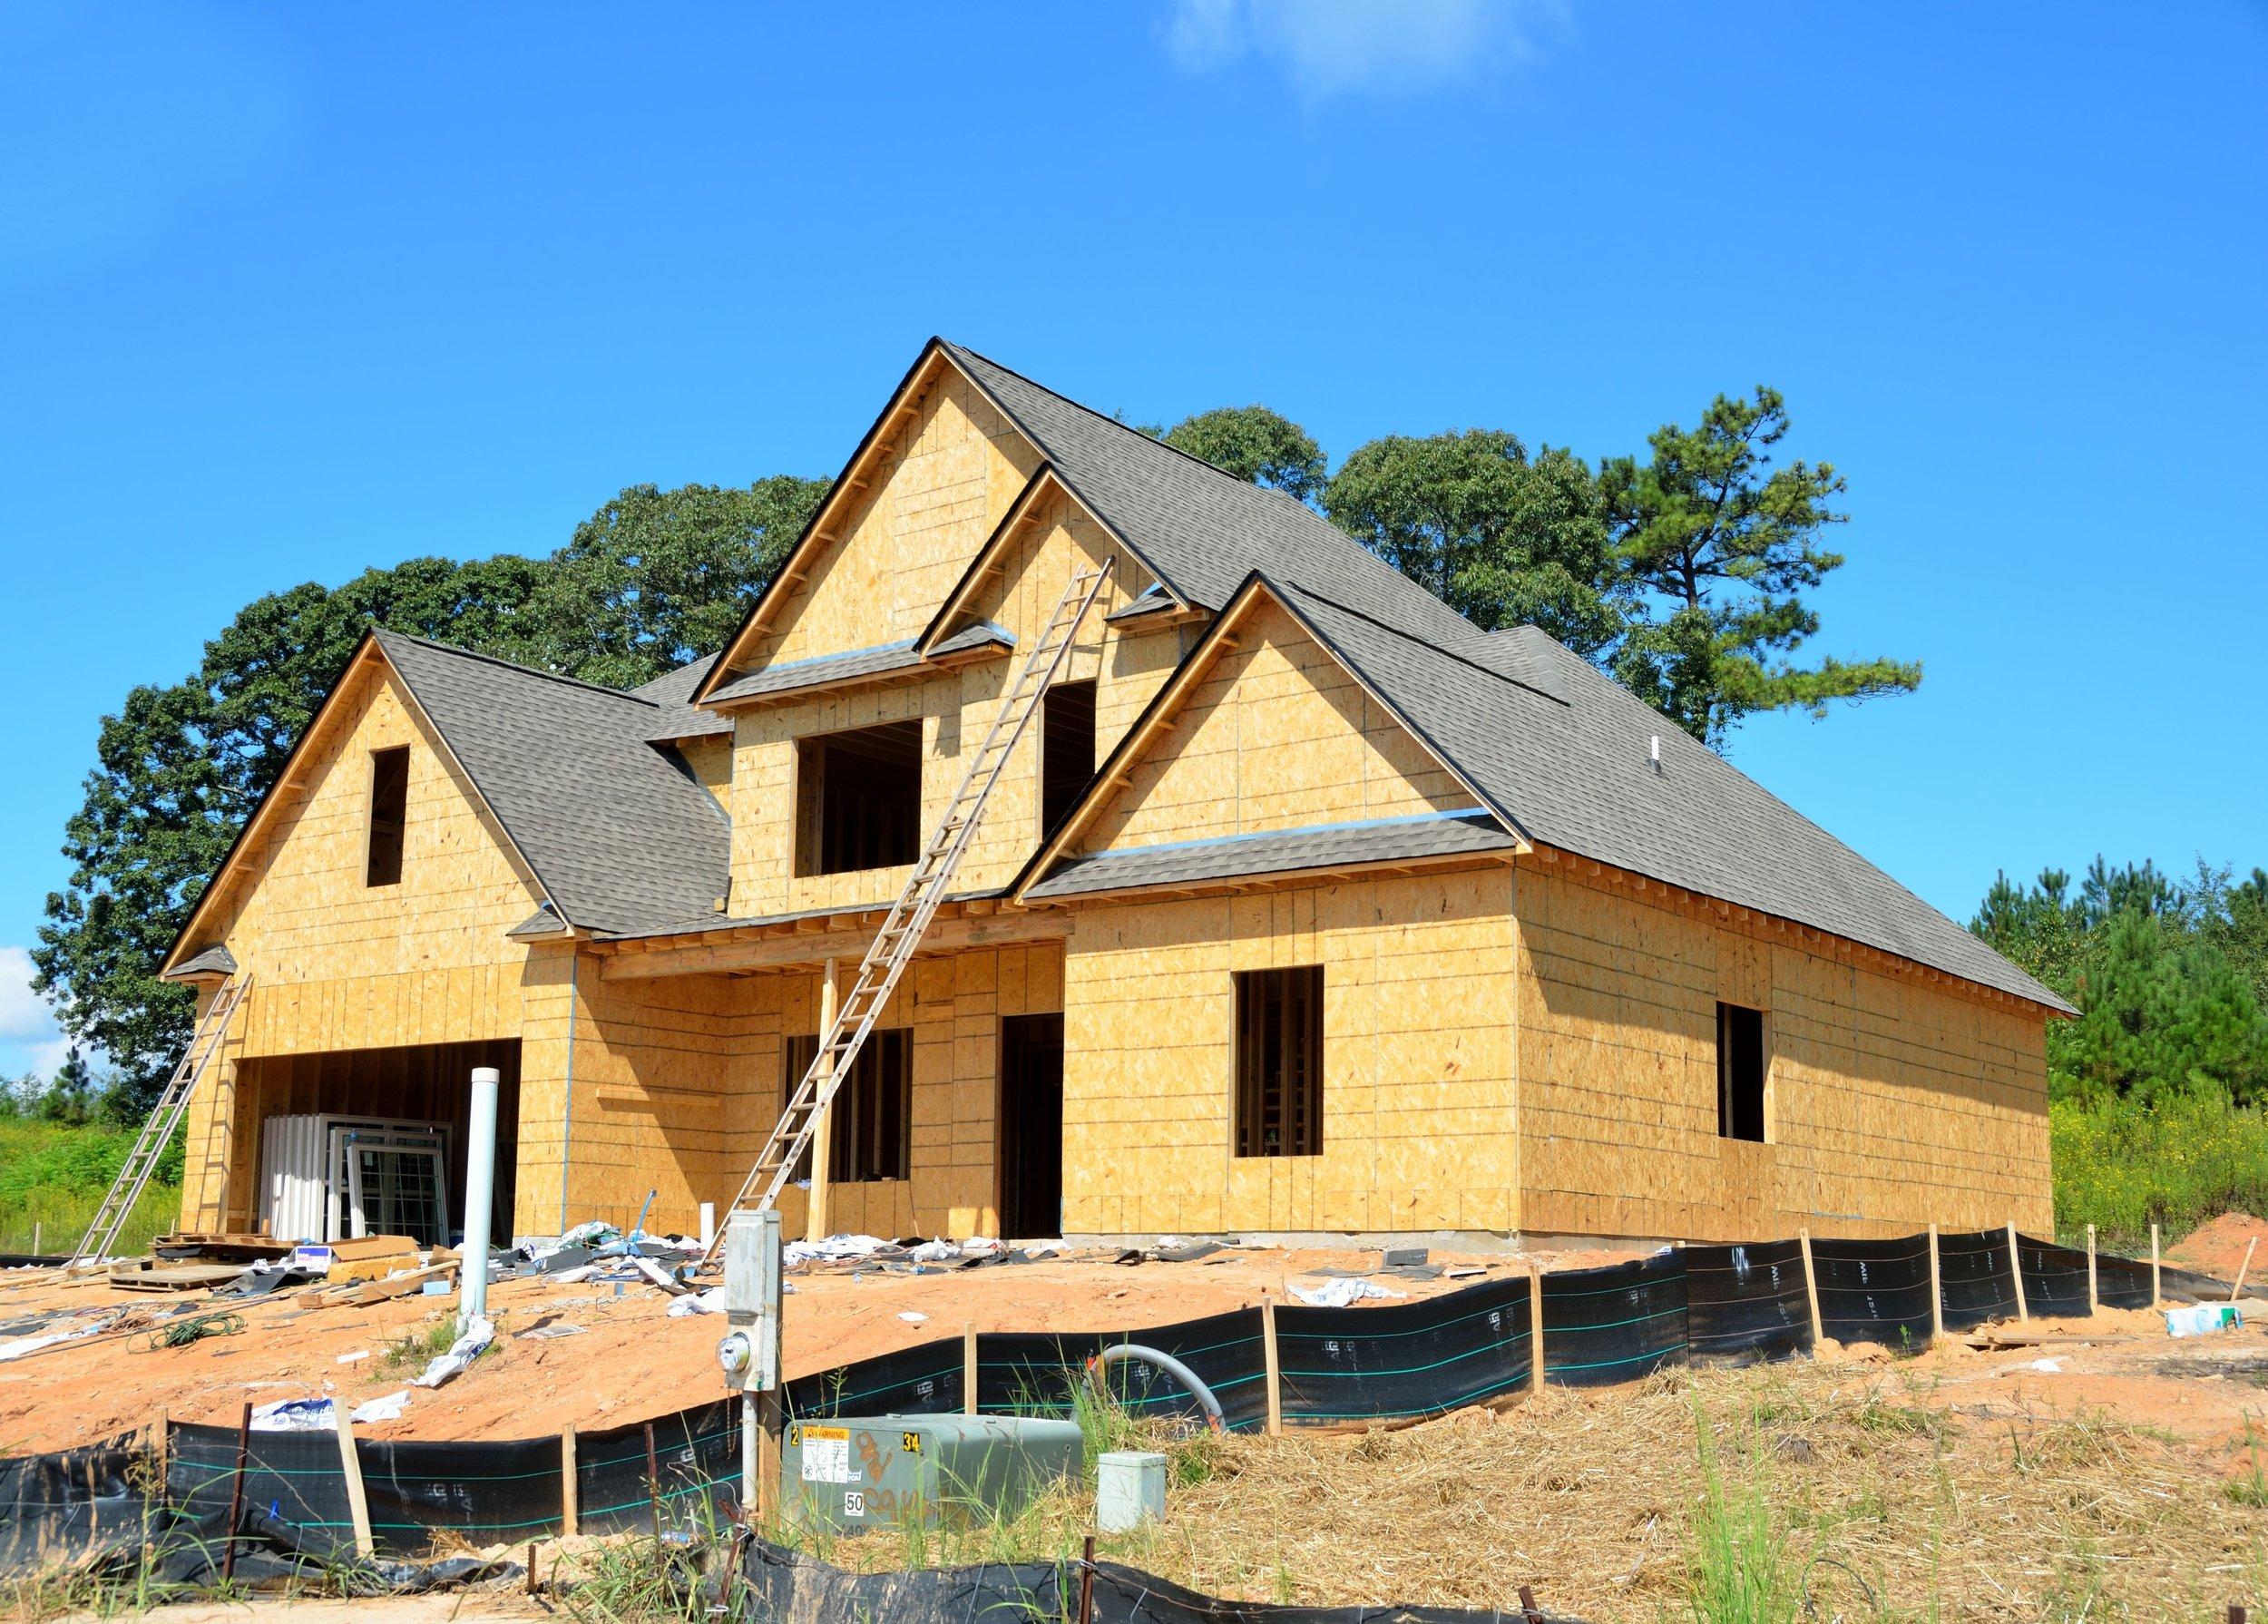 architecture-brick-builder-209282.jpg